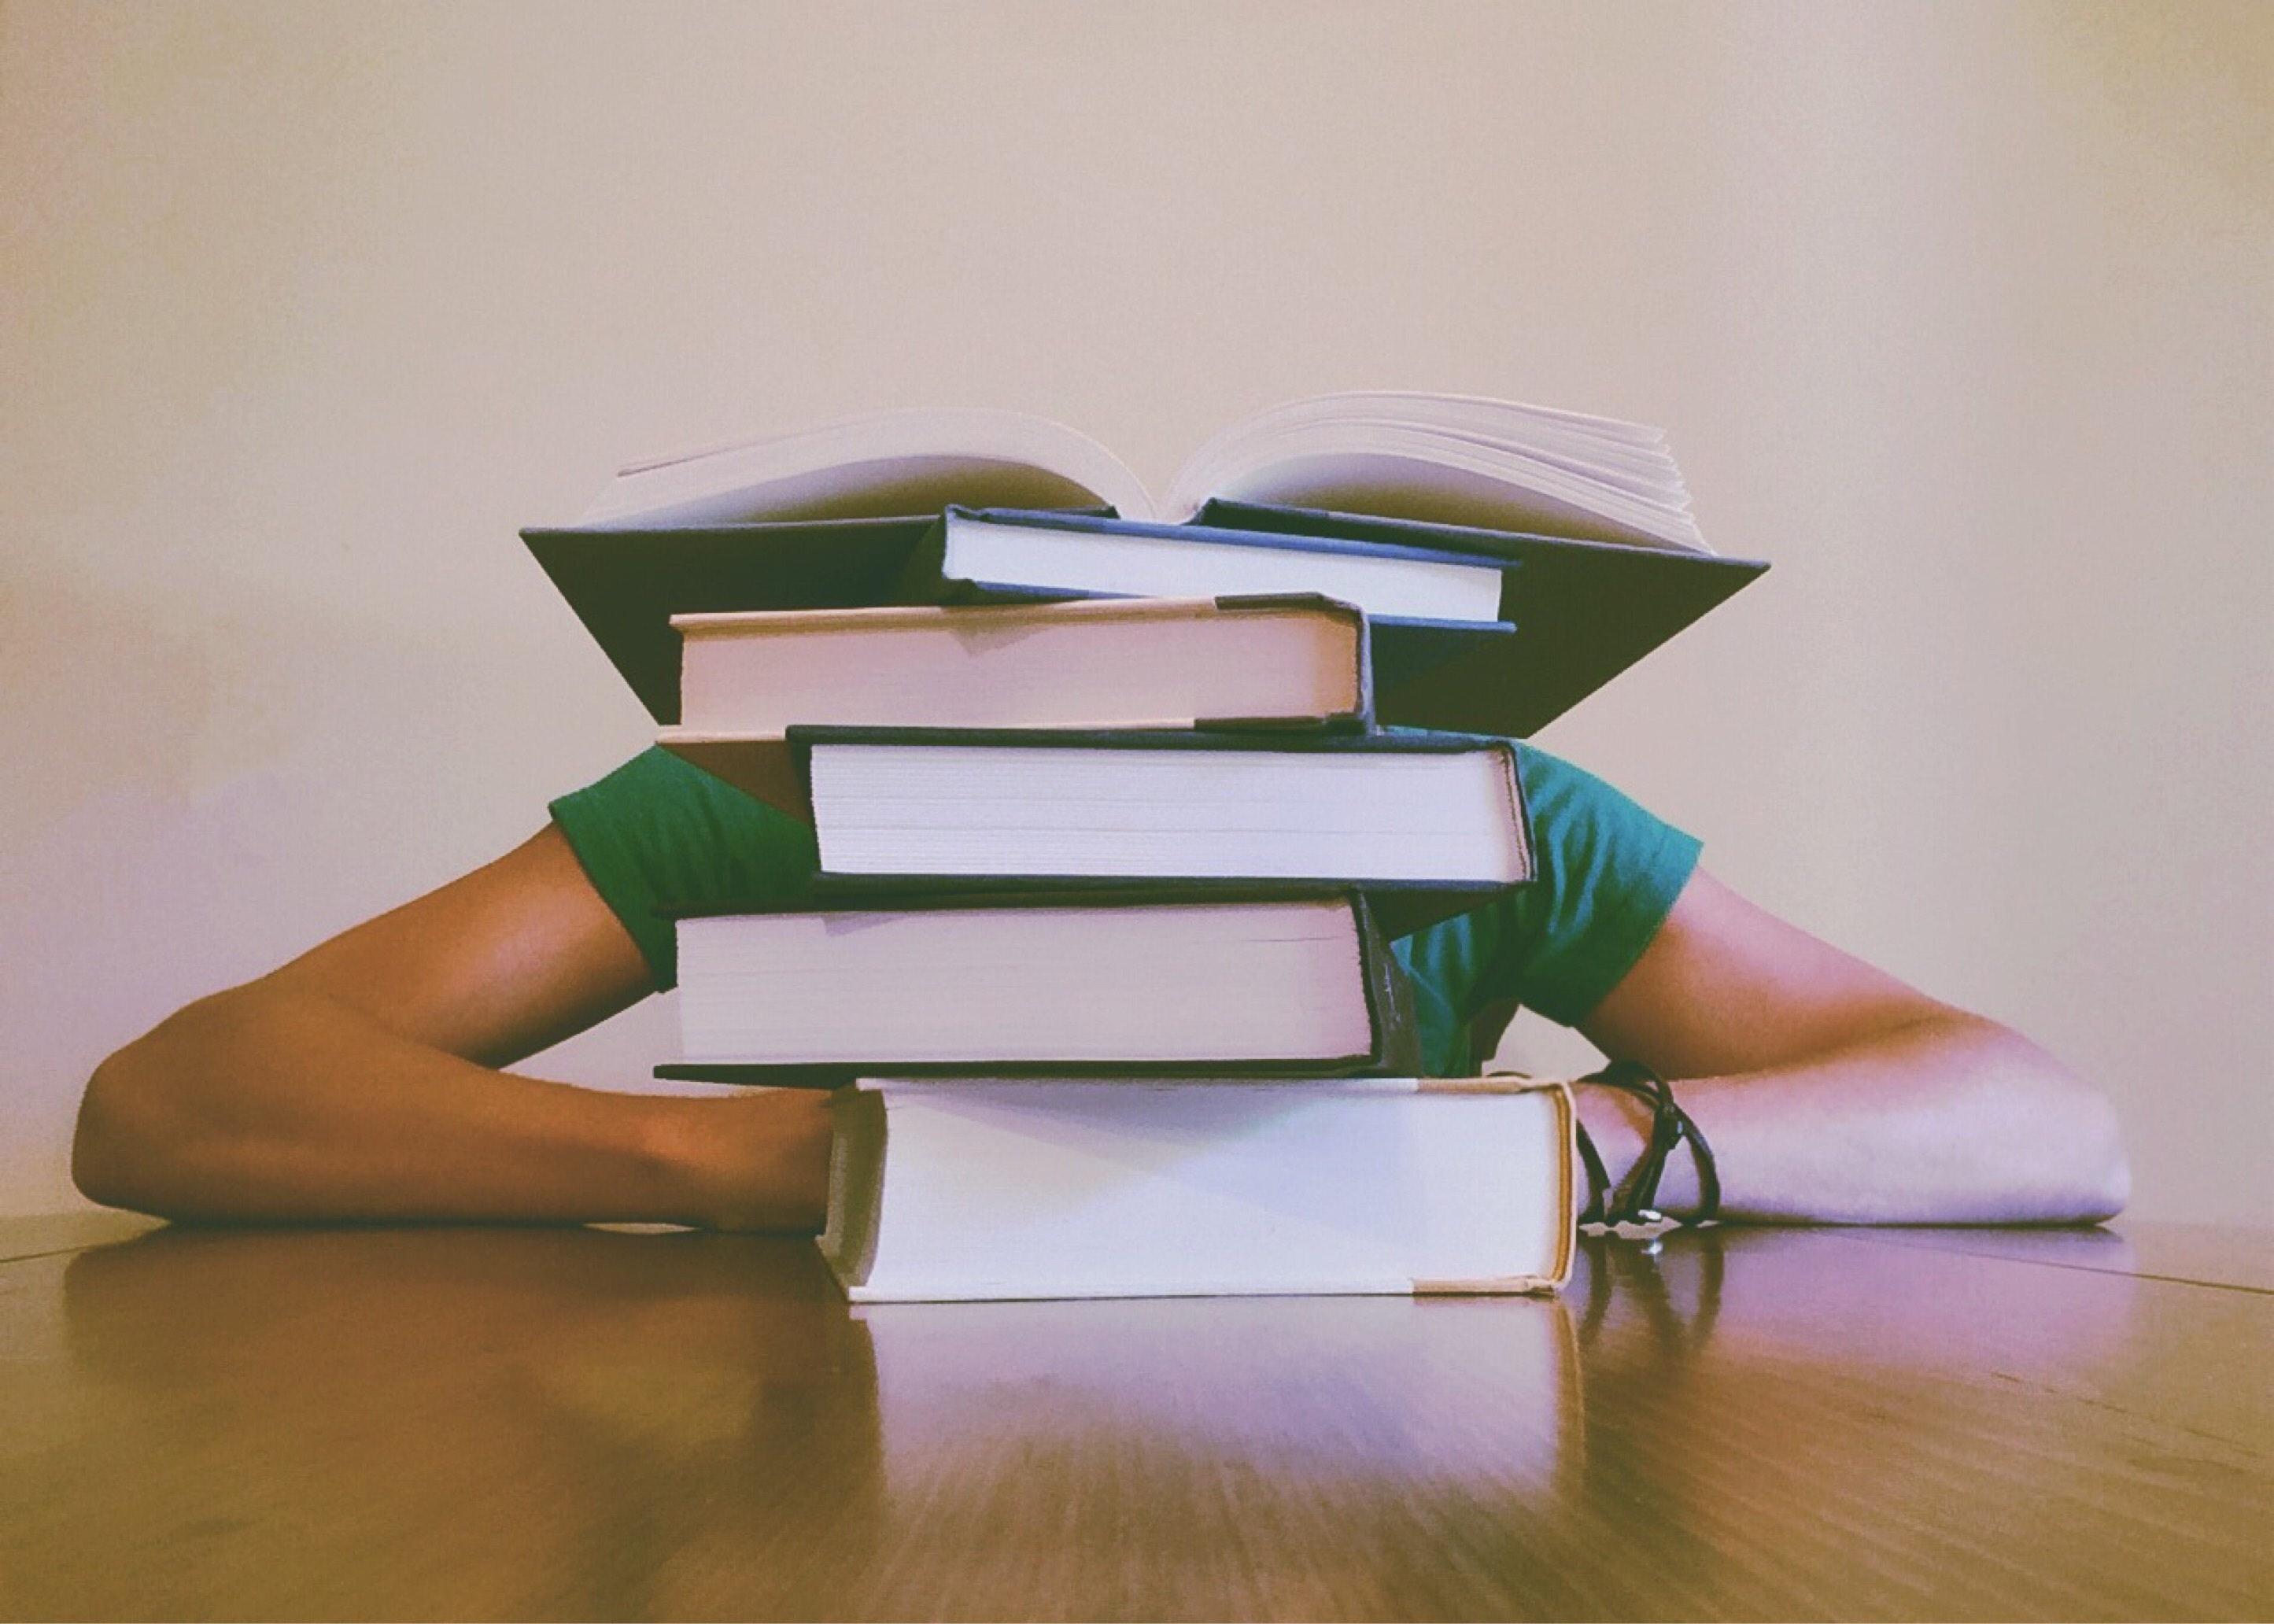 6 consejos para estudiar y aprobar exámenes   6 consejos para estudiar y aprobar exámenes CansadoDeEstudiar